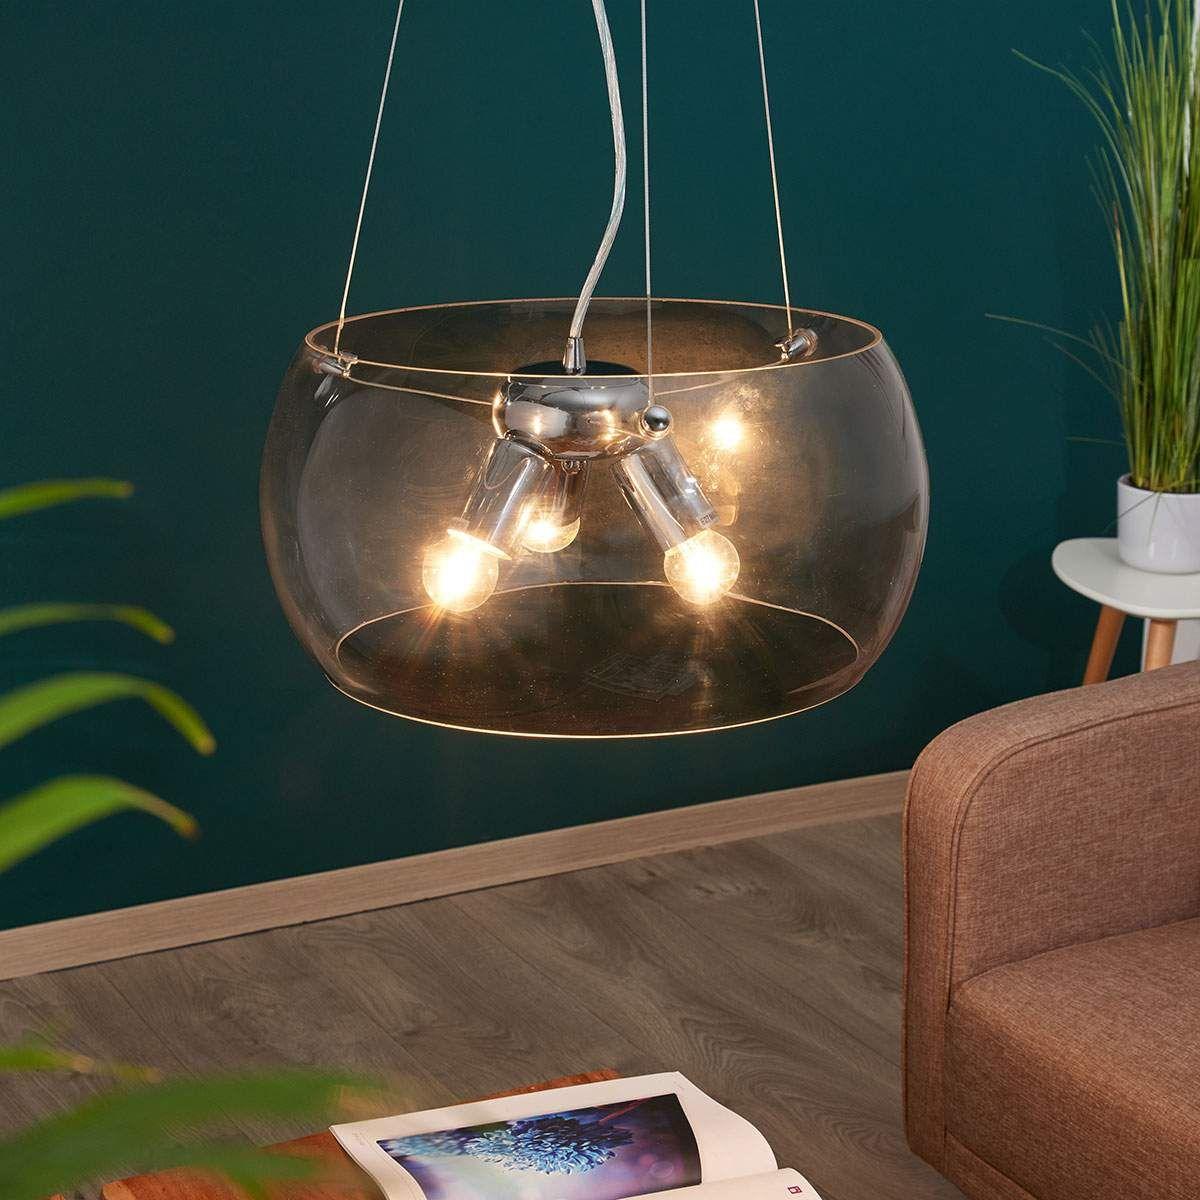 Lampe De Table Neoz Lampe De Chevet Rose Lampe De Salon Sur Pied Design Lampe De Table Ribbon Habitat Lamp Lampe De Chevet Design Suspension Verre Lamp